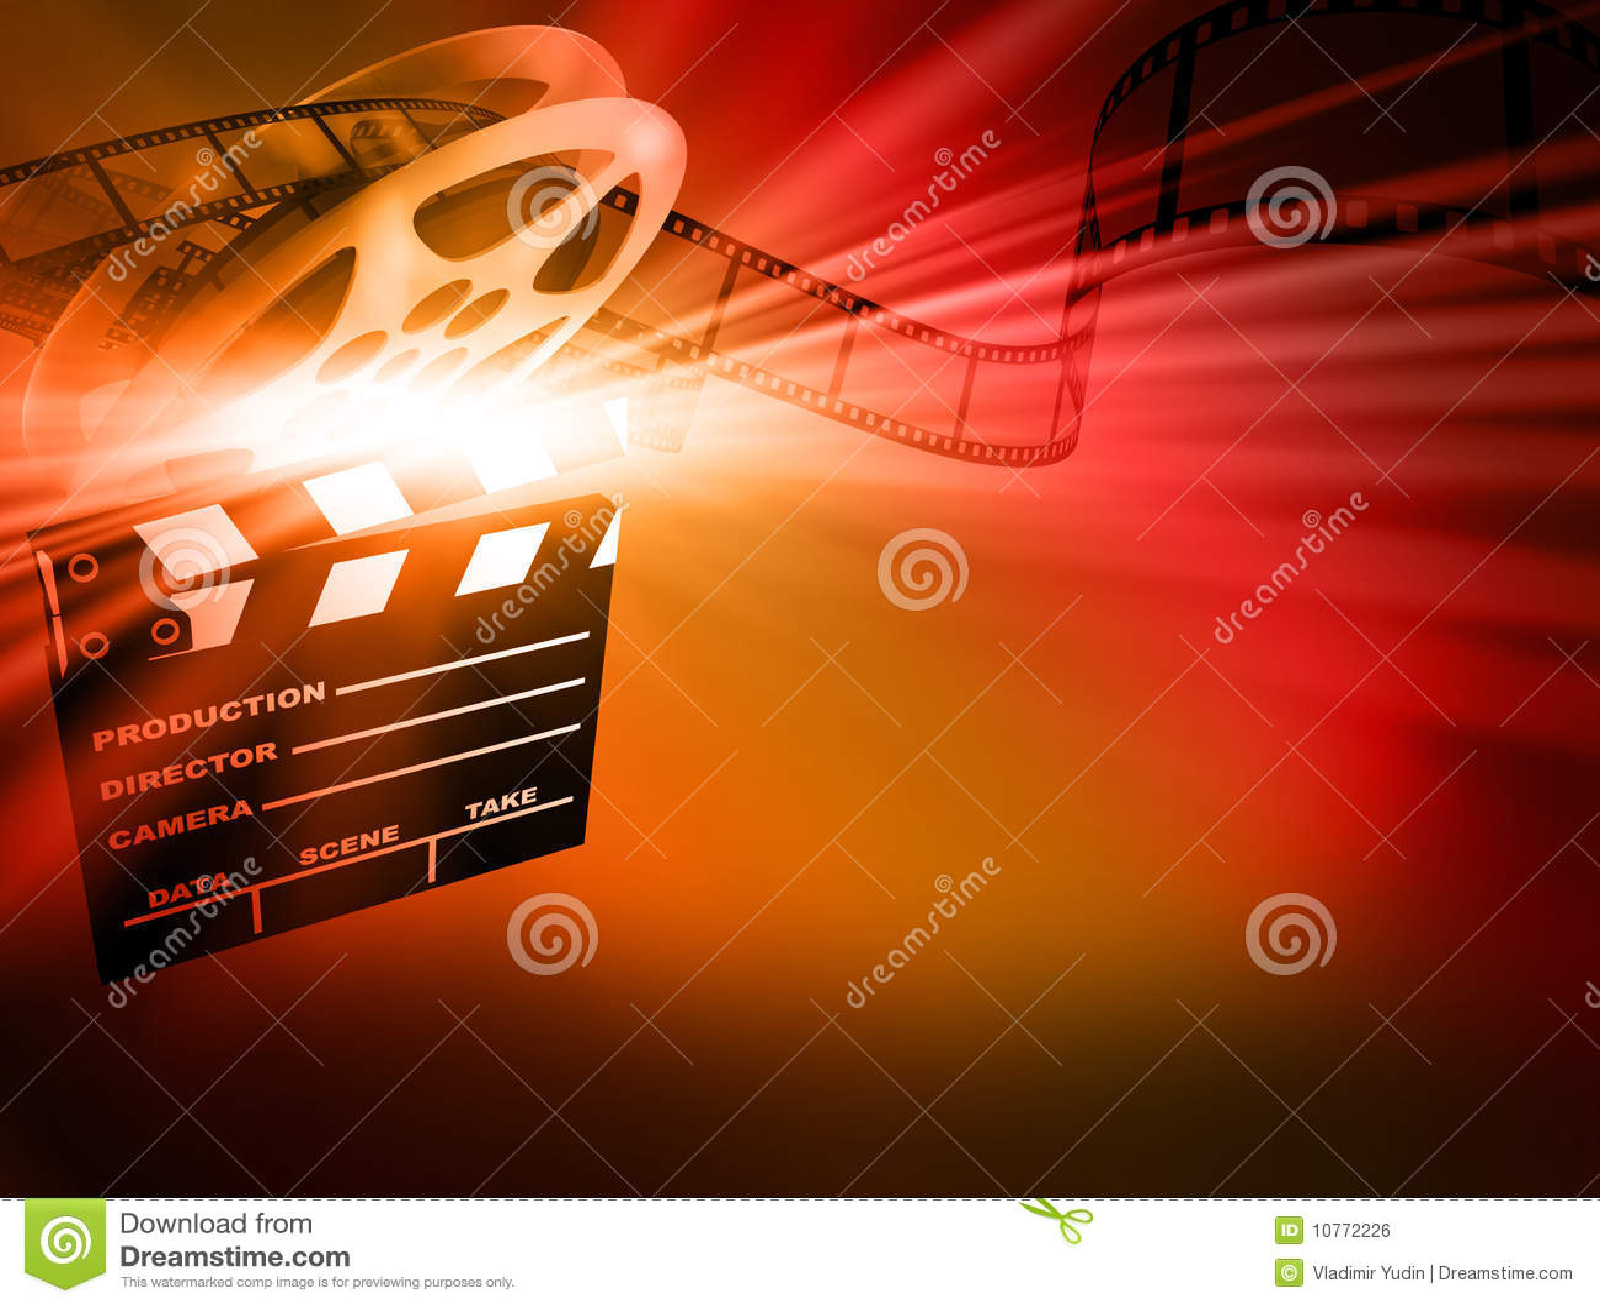 Film background.